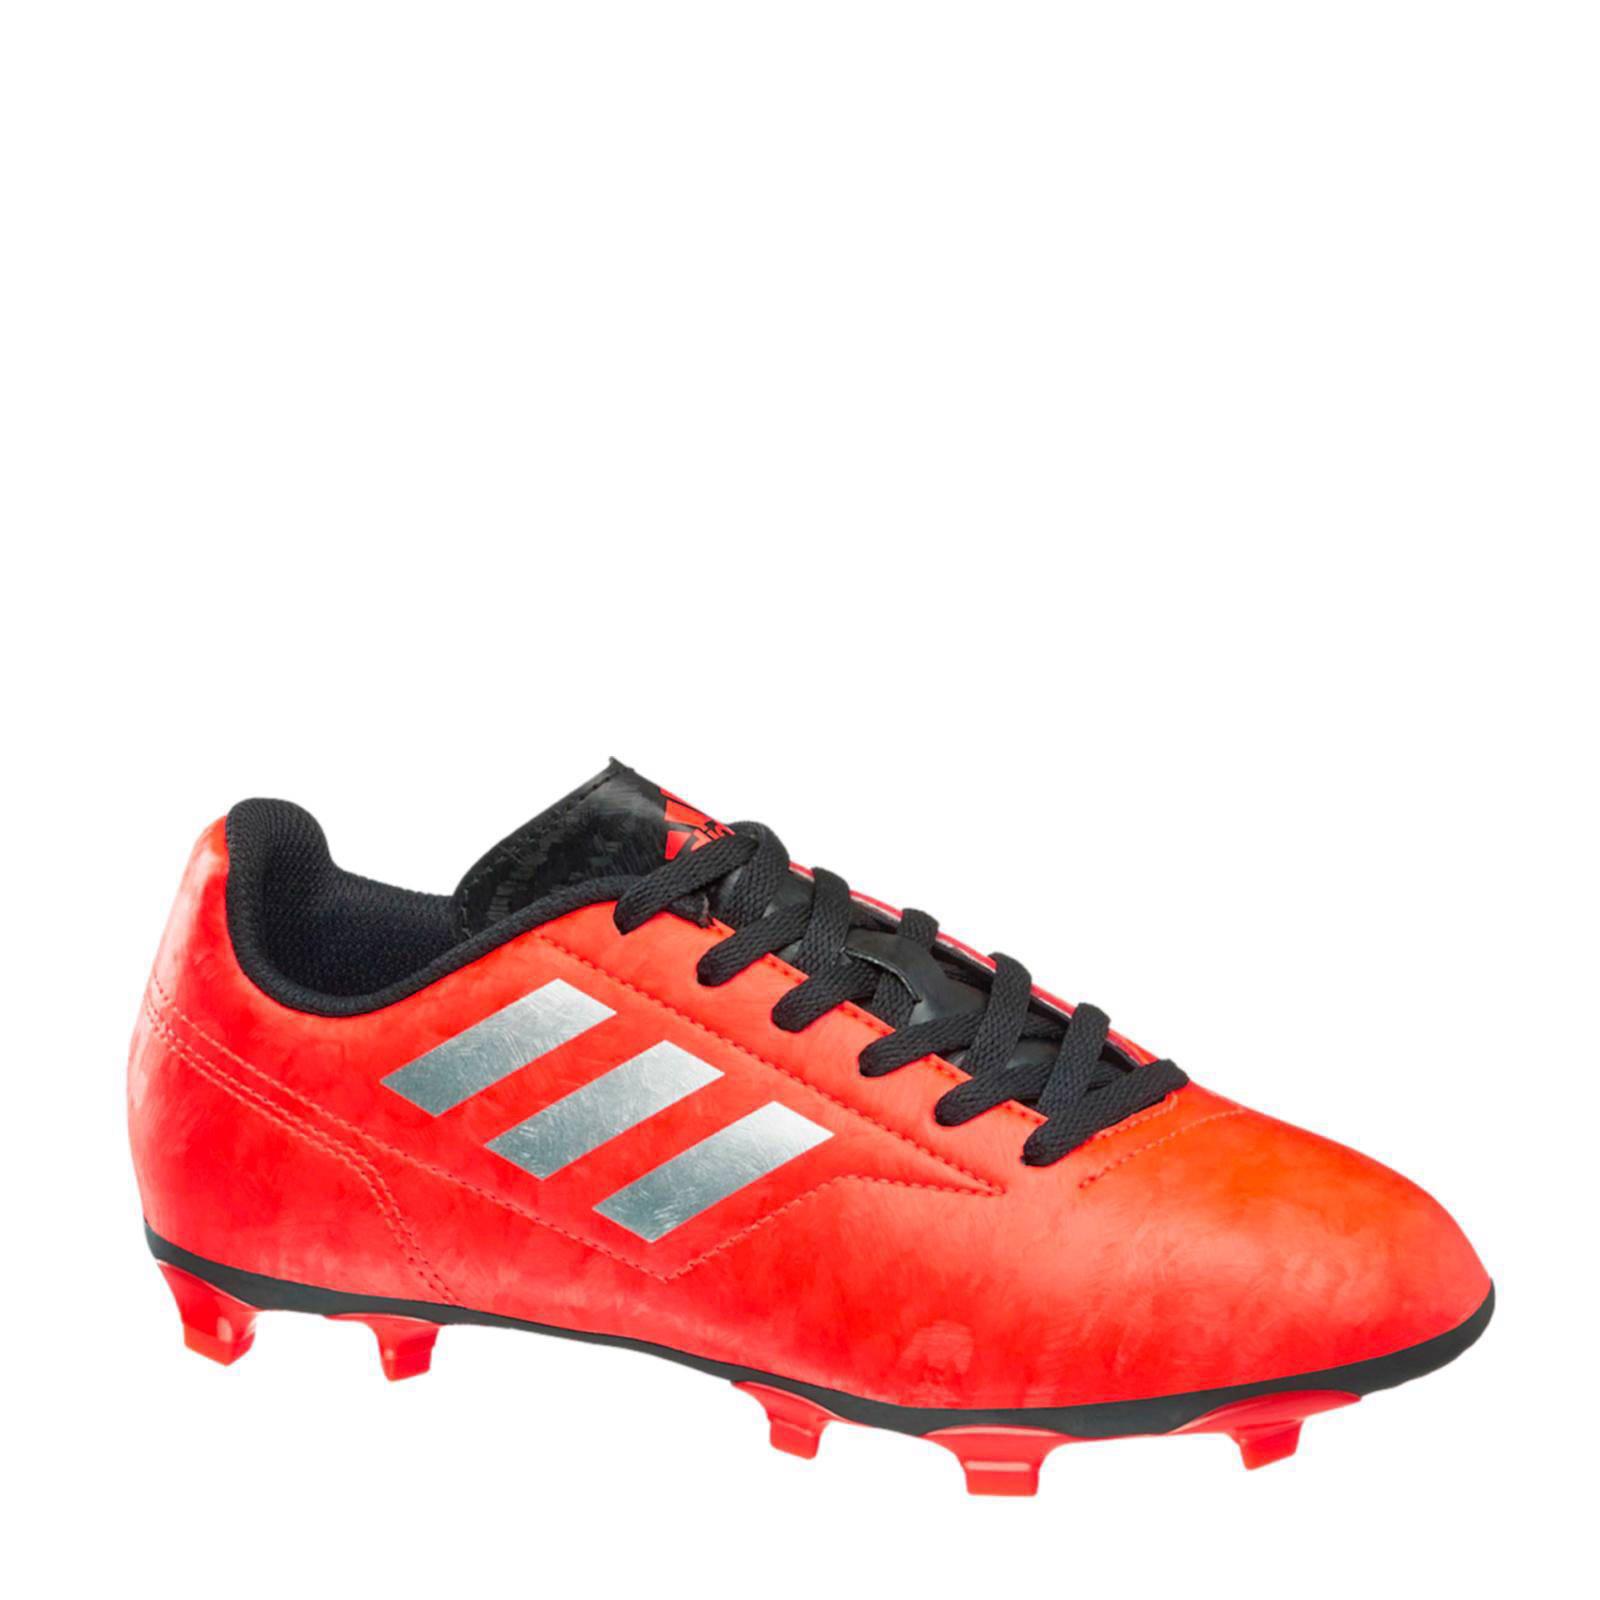 voetbalschoen oranje kids